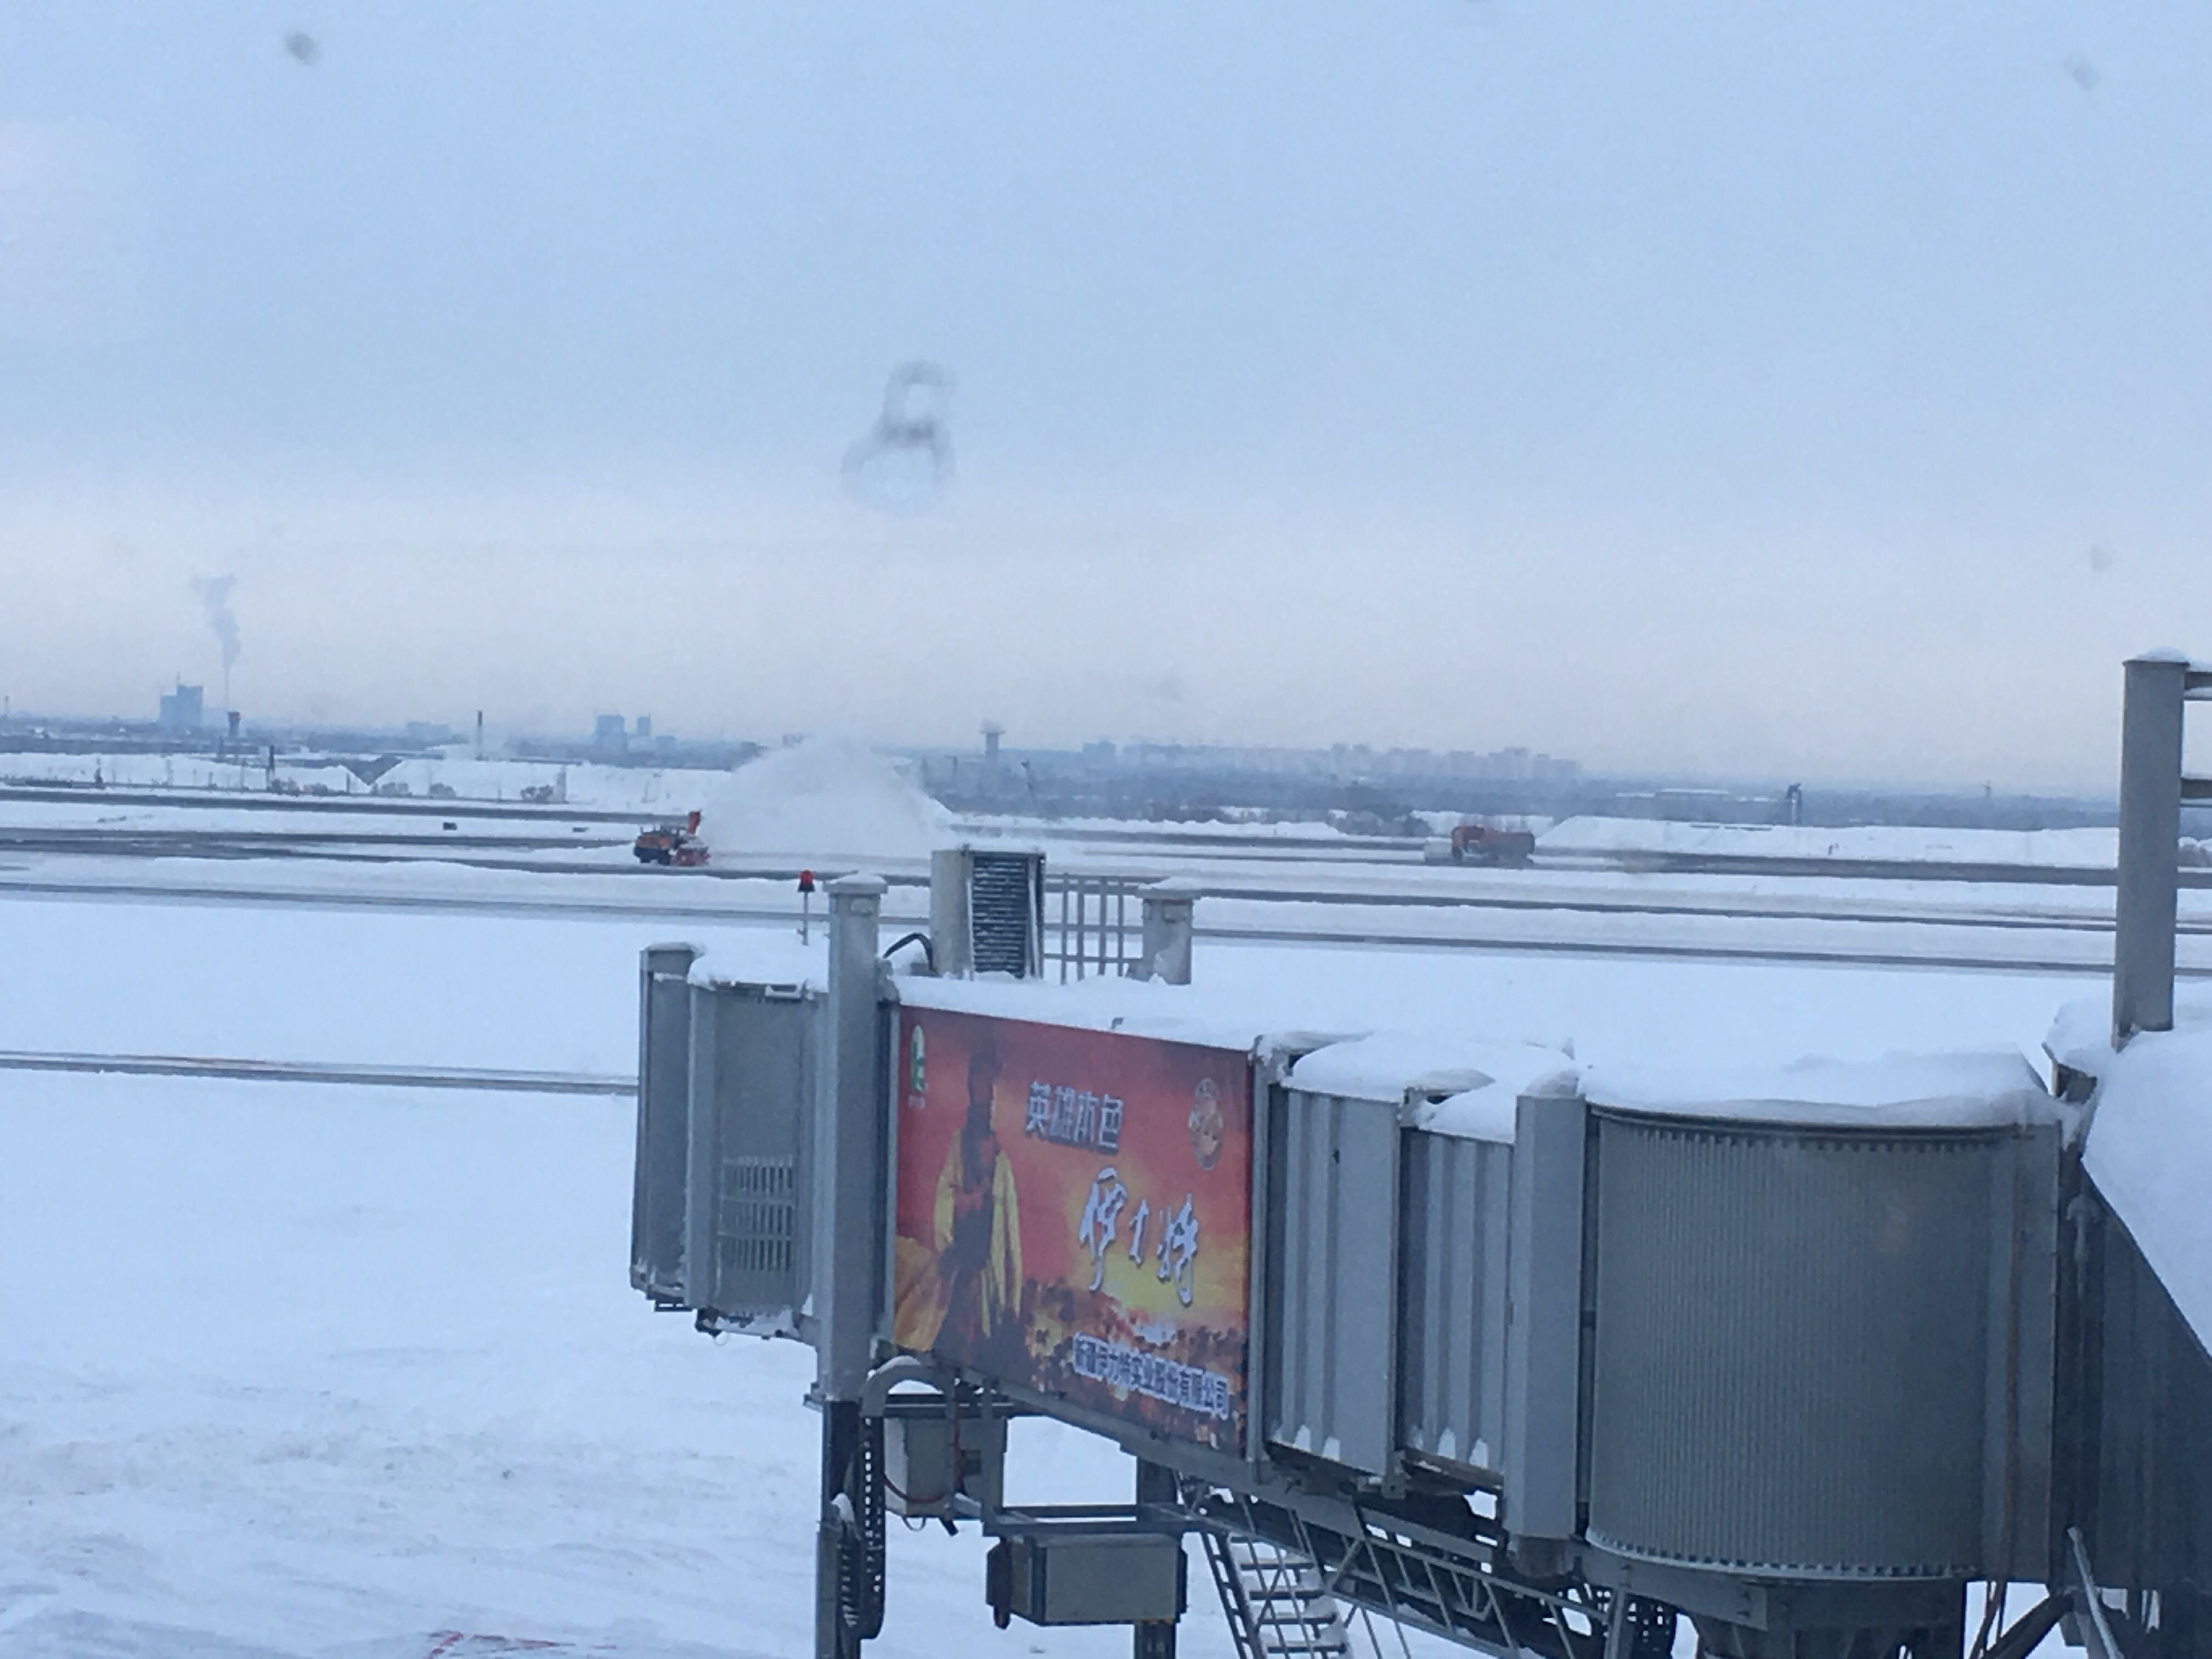 乌鲁木齐新市区地�_乌鲁木齐市新市区地窝堡国际机场t3候机楼北侧天气预报